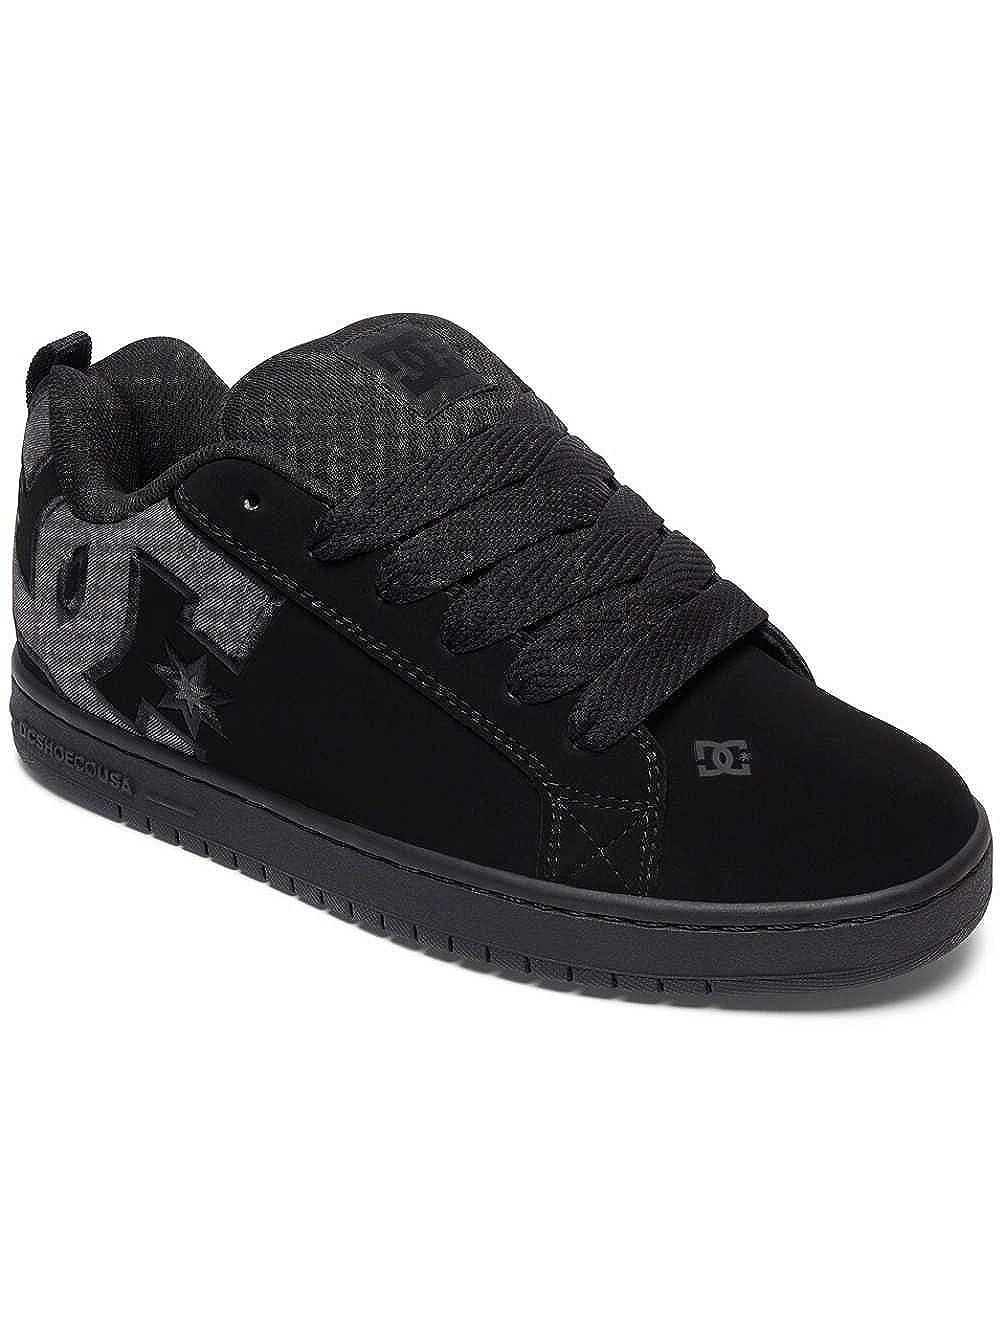 DC scarpe Court Graffik S M, scarpe da ginnastica Uomo Kdw   Forte calore e resistenza all'abrasione    Uomini/Donne Scarpa